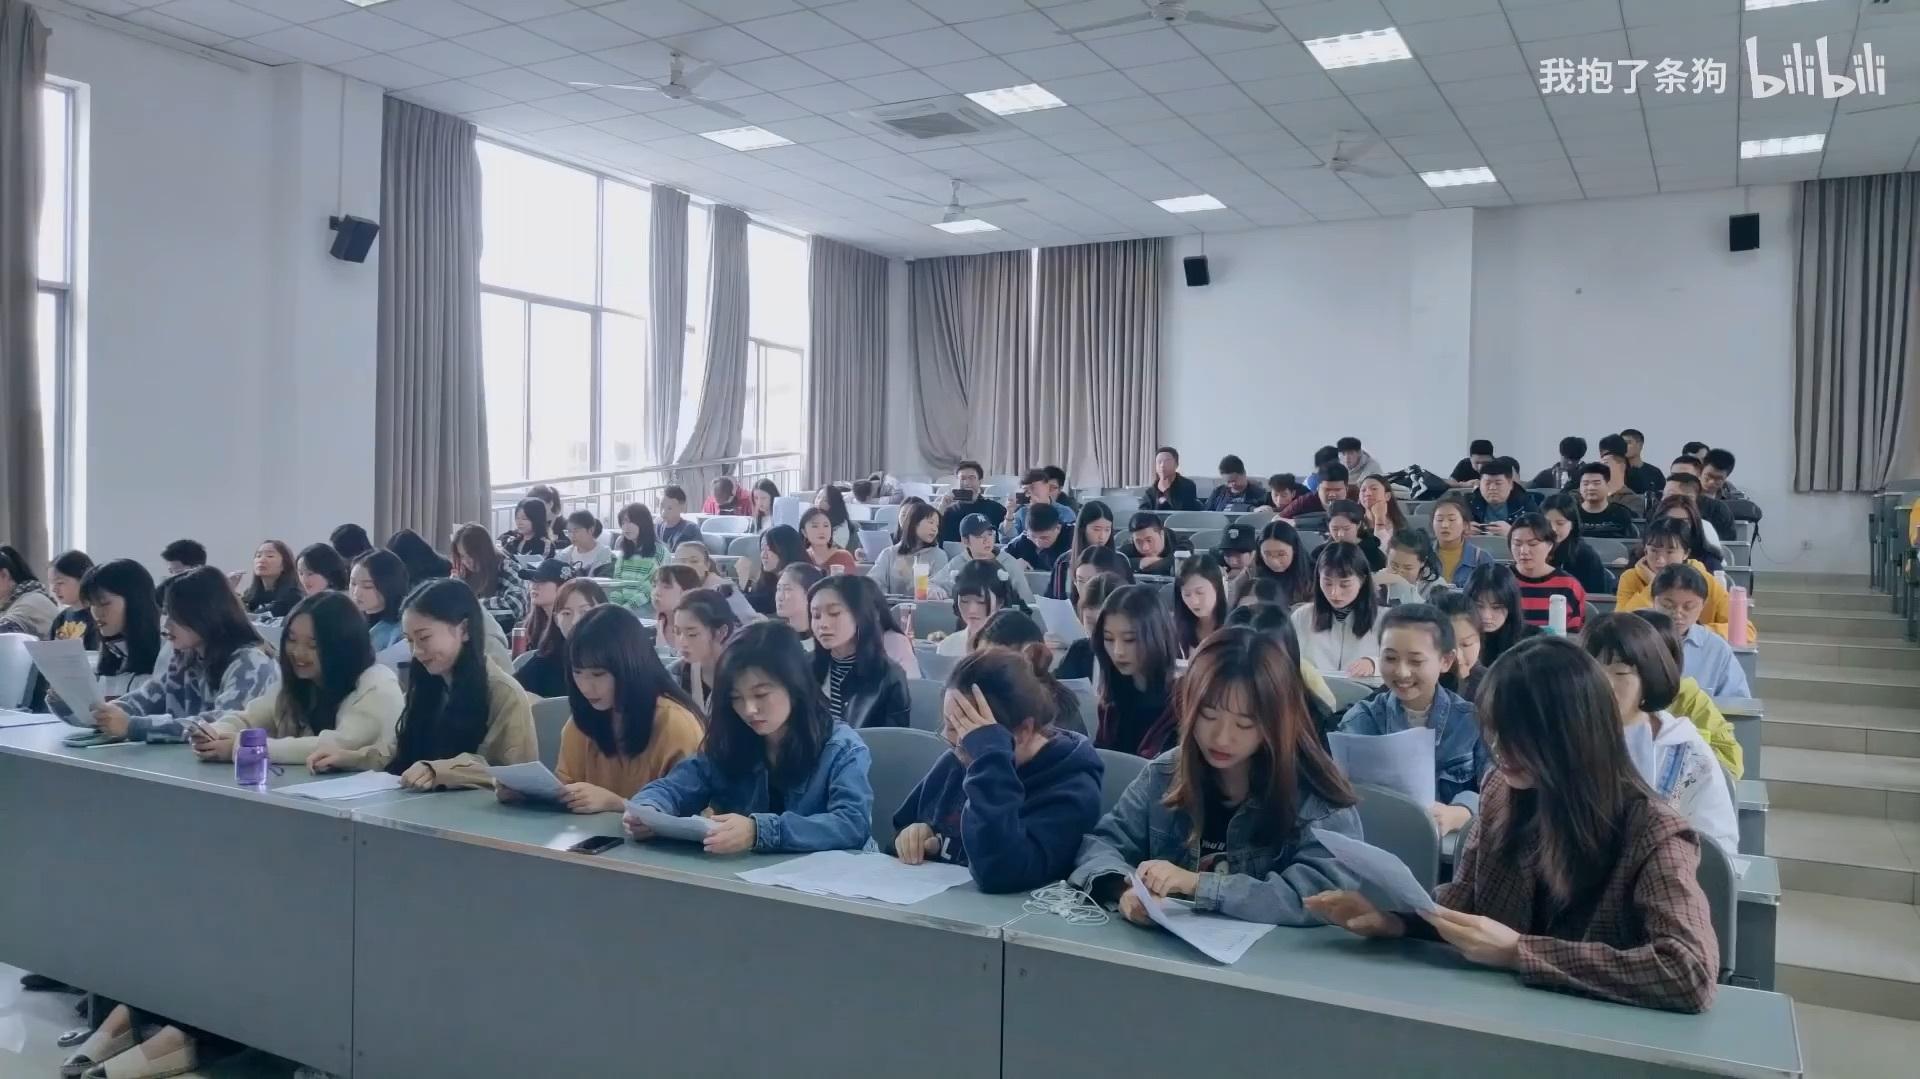 四川师范大学音乐学院《说好不哭》 ,这和声我耳朵怀孕了。